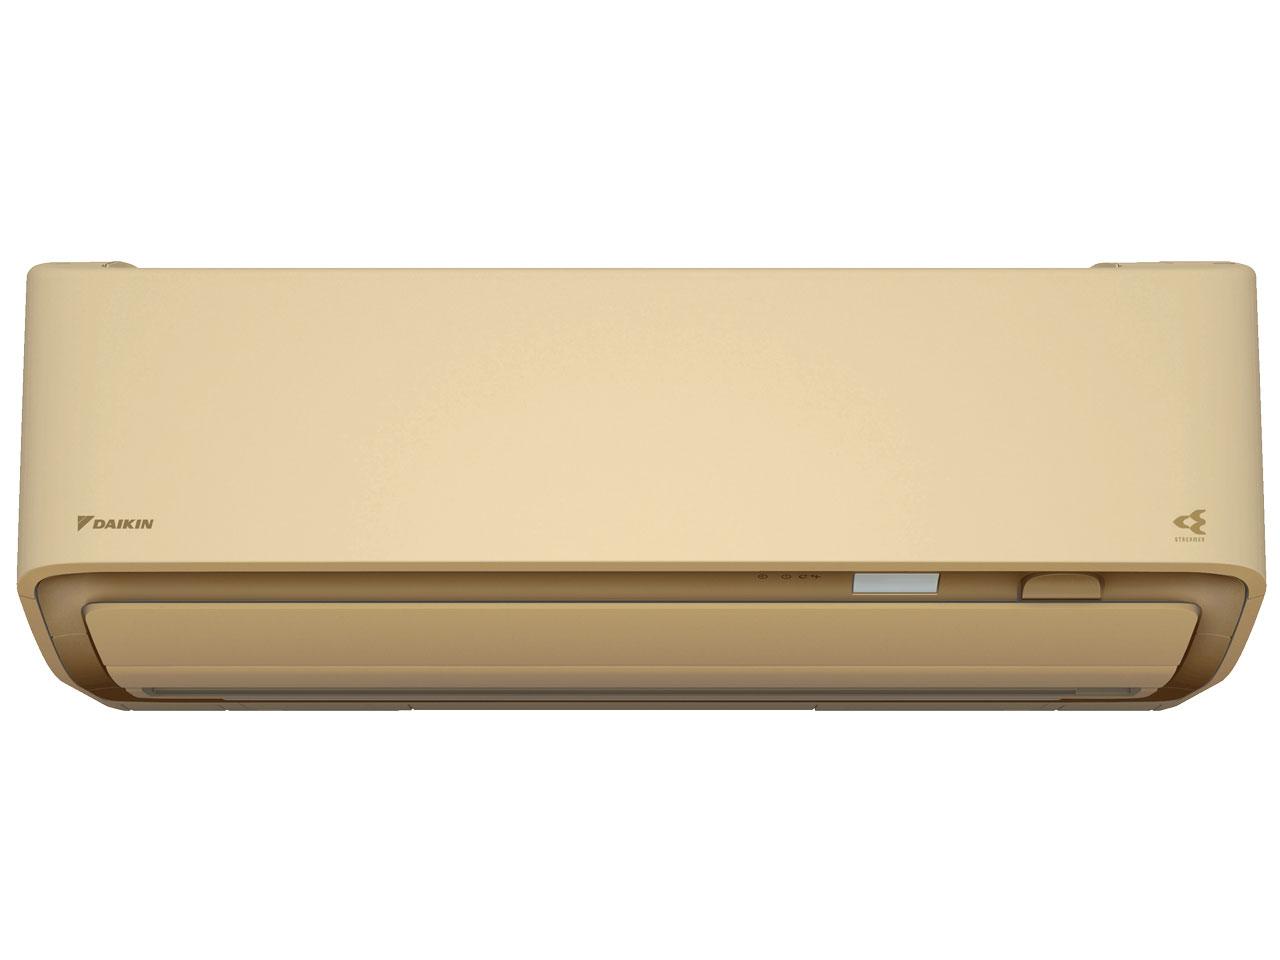 ダイキン 19年モデル うるさら7 RXシリーズ S40WTRXV-C 【200V用 電源直結型】14畳用冷暖房除湿エアコン